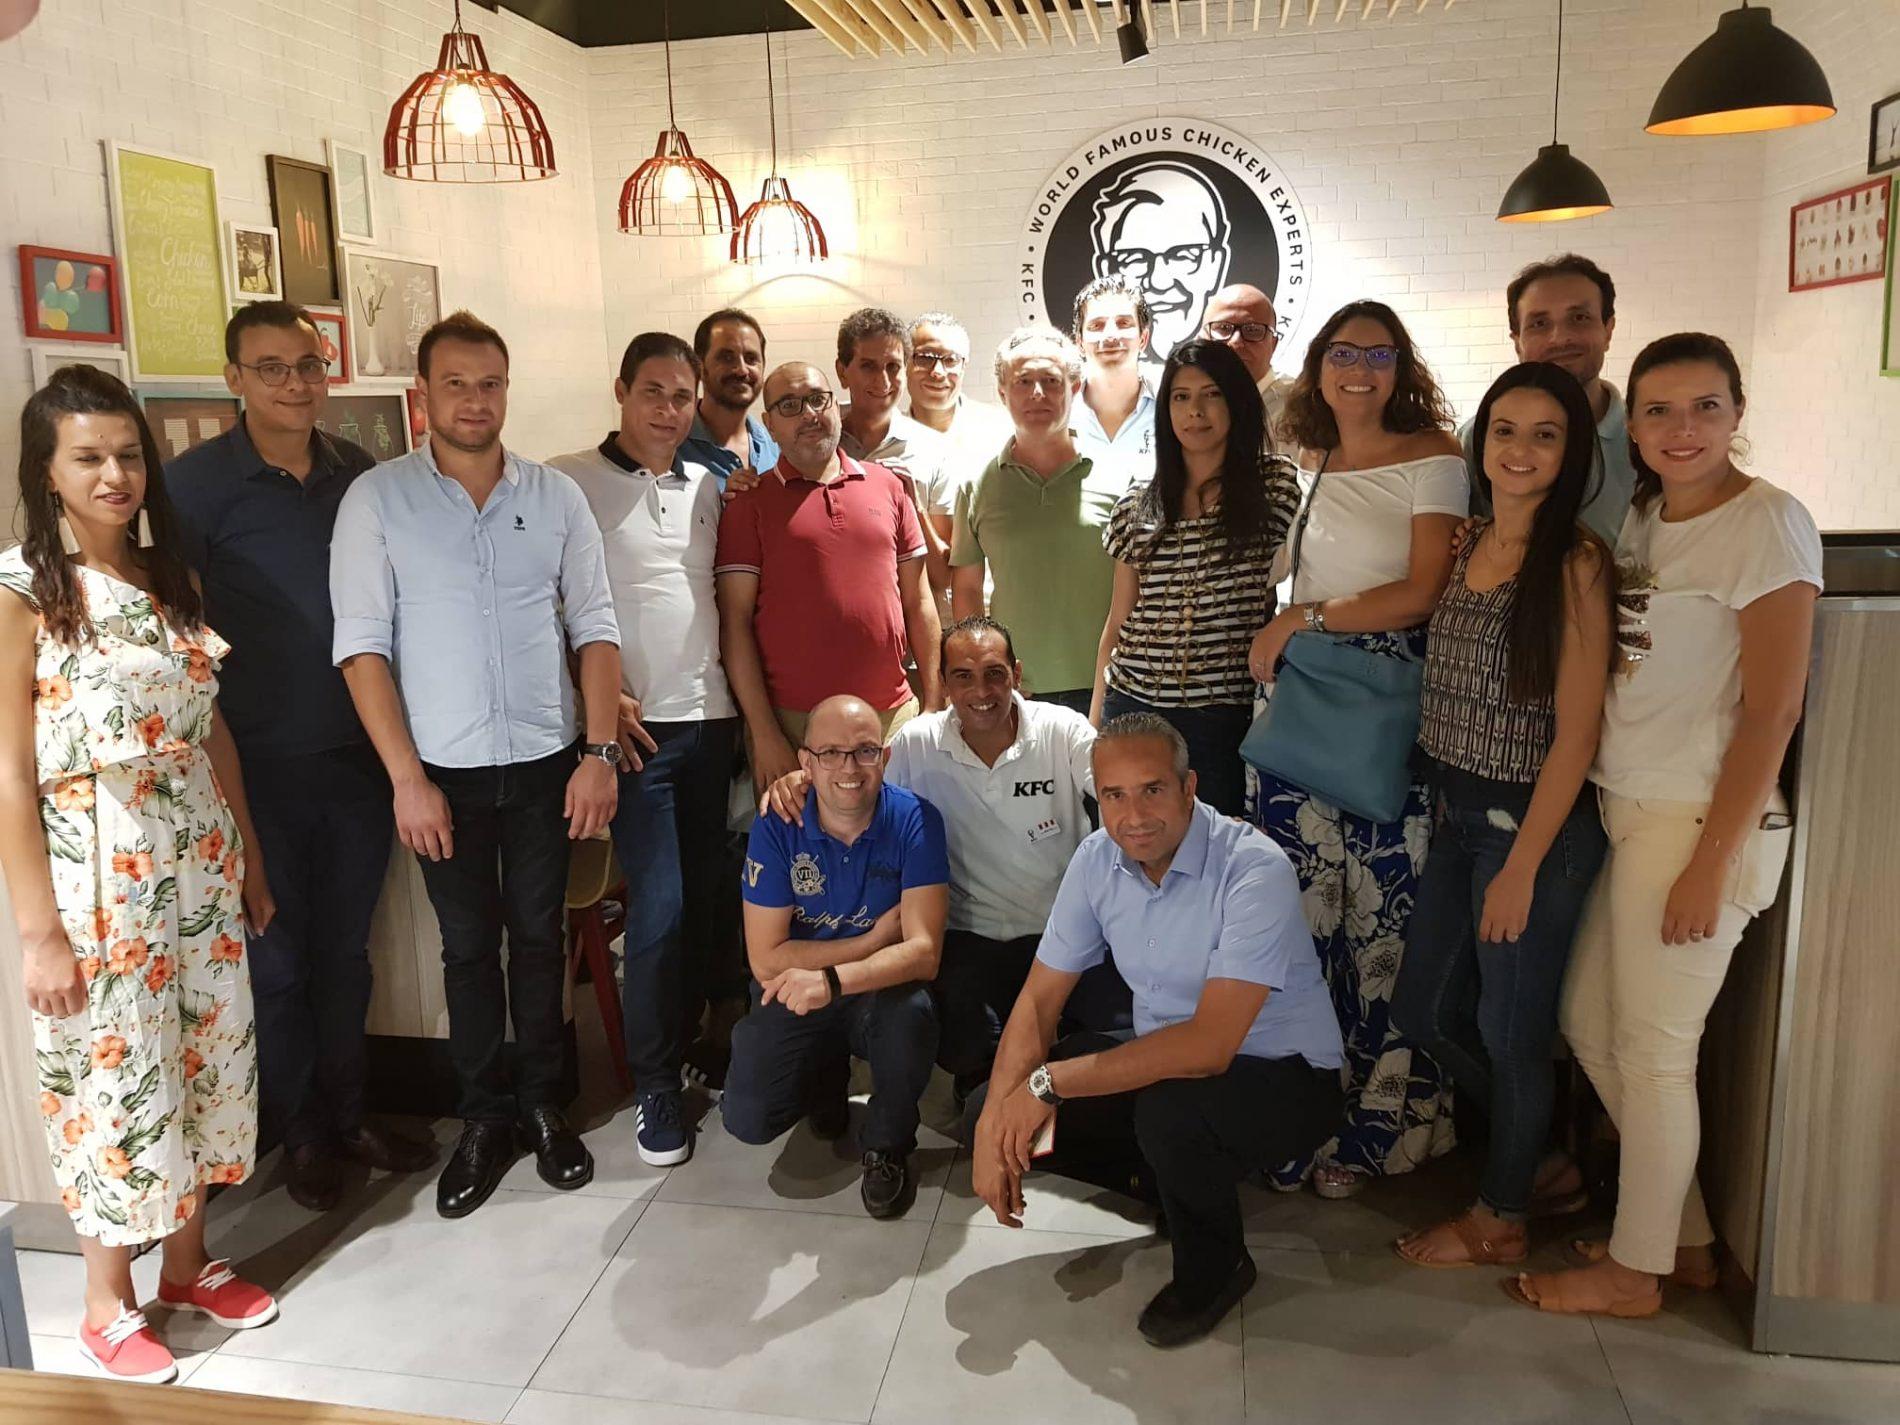 Tunisie : La chaine alimentaire KFC partenaire du développement local